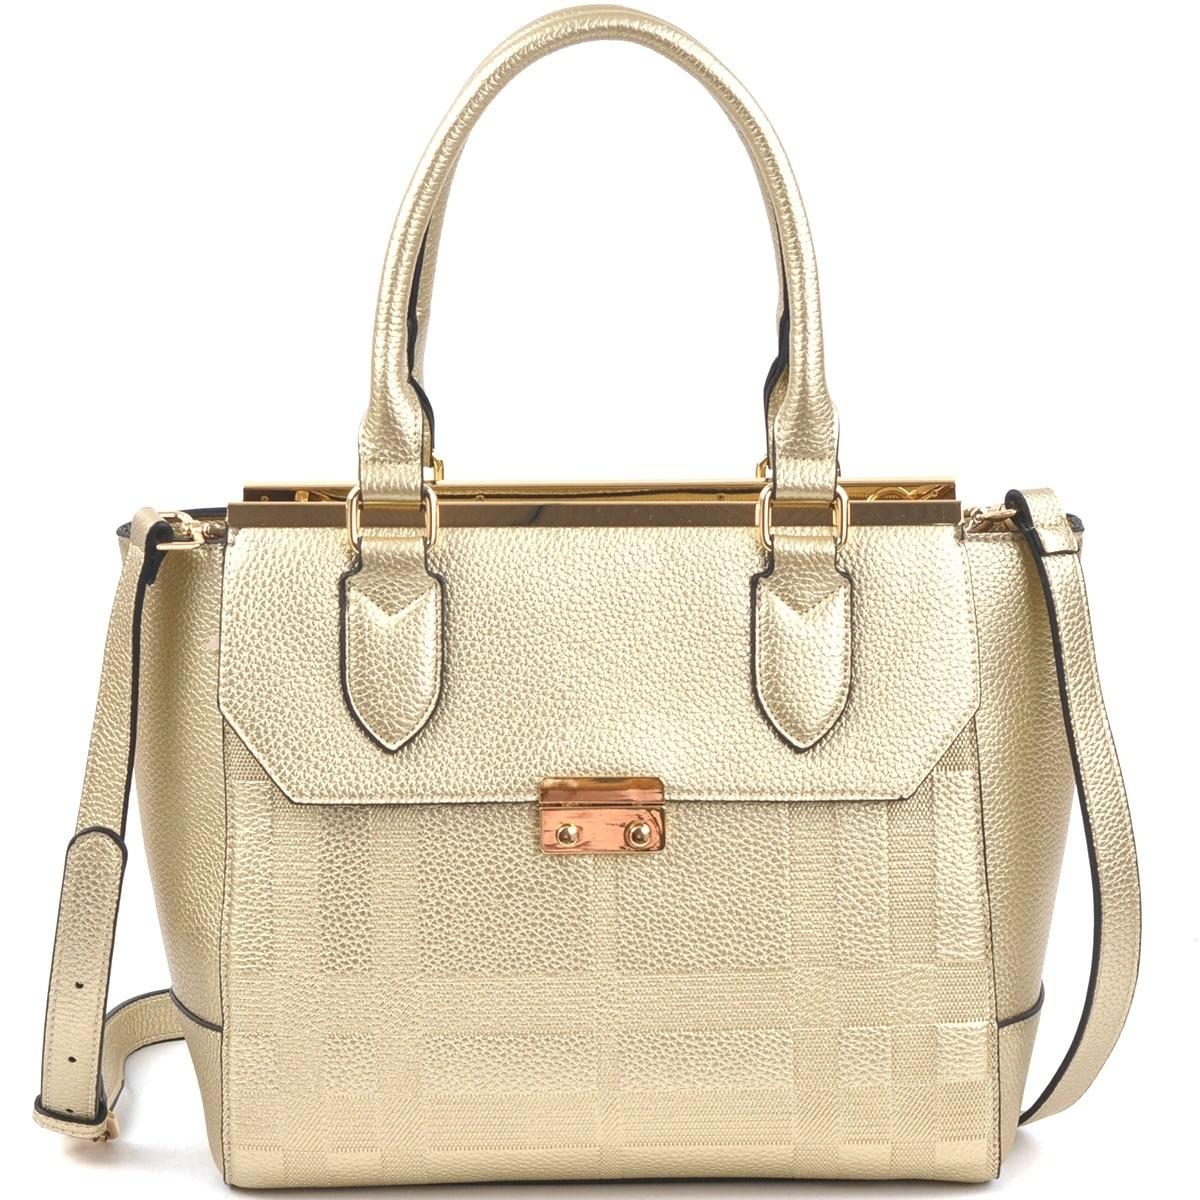 Dasein Fashion Satchel Handbag with Shoulder Strap (Red),...